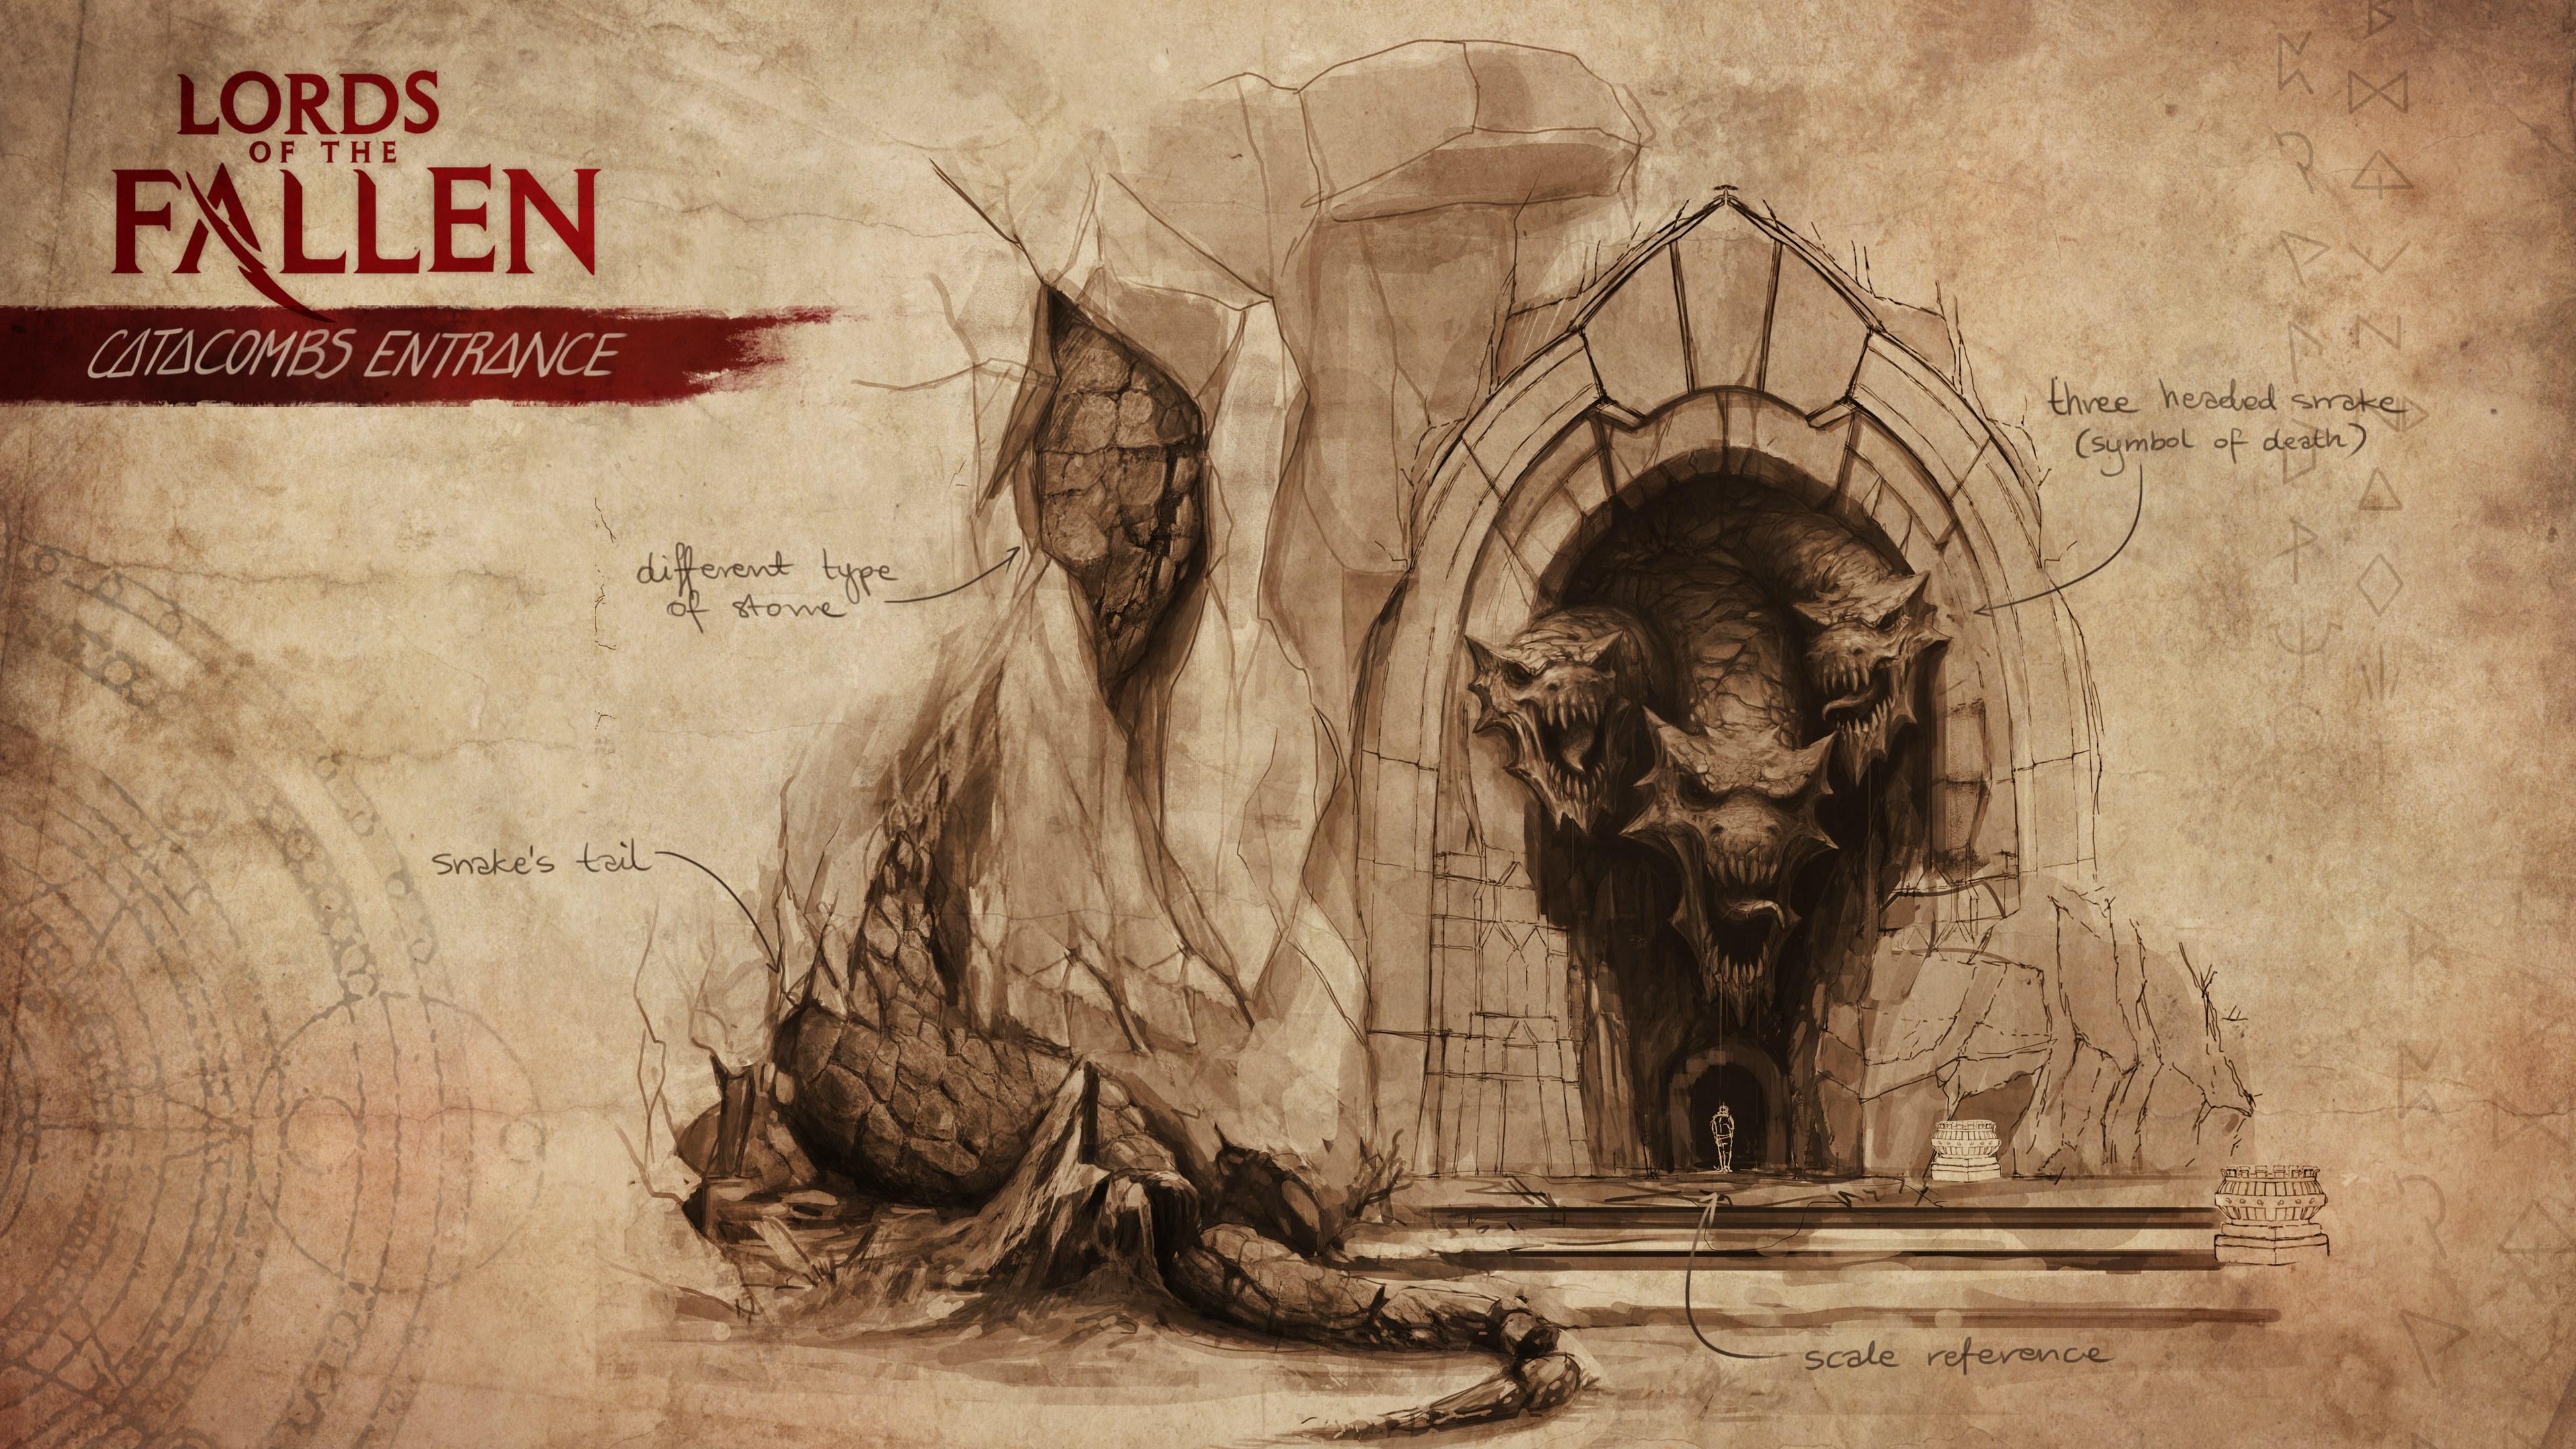 графика lords of the fallen graphics бесплатно